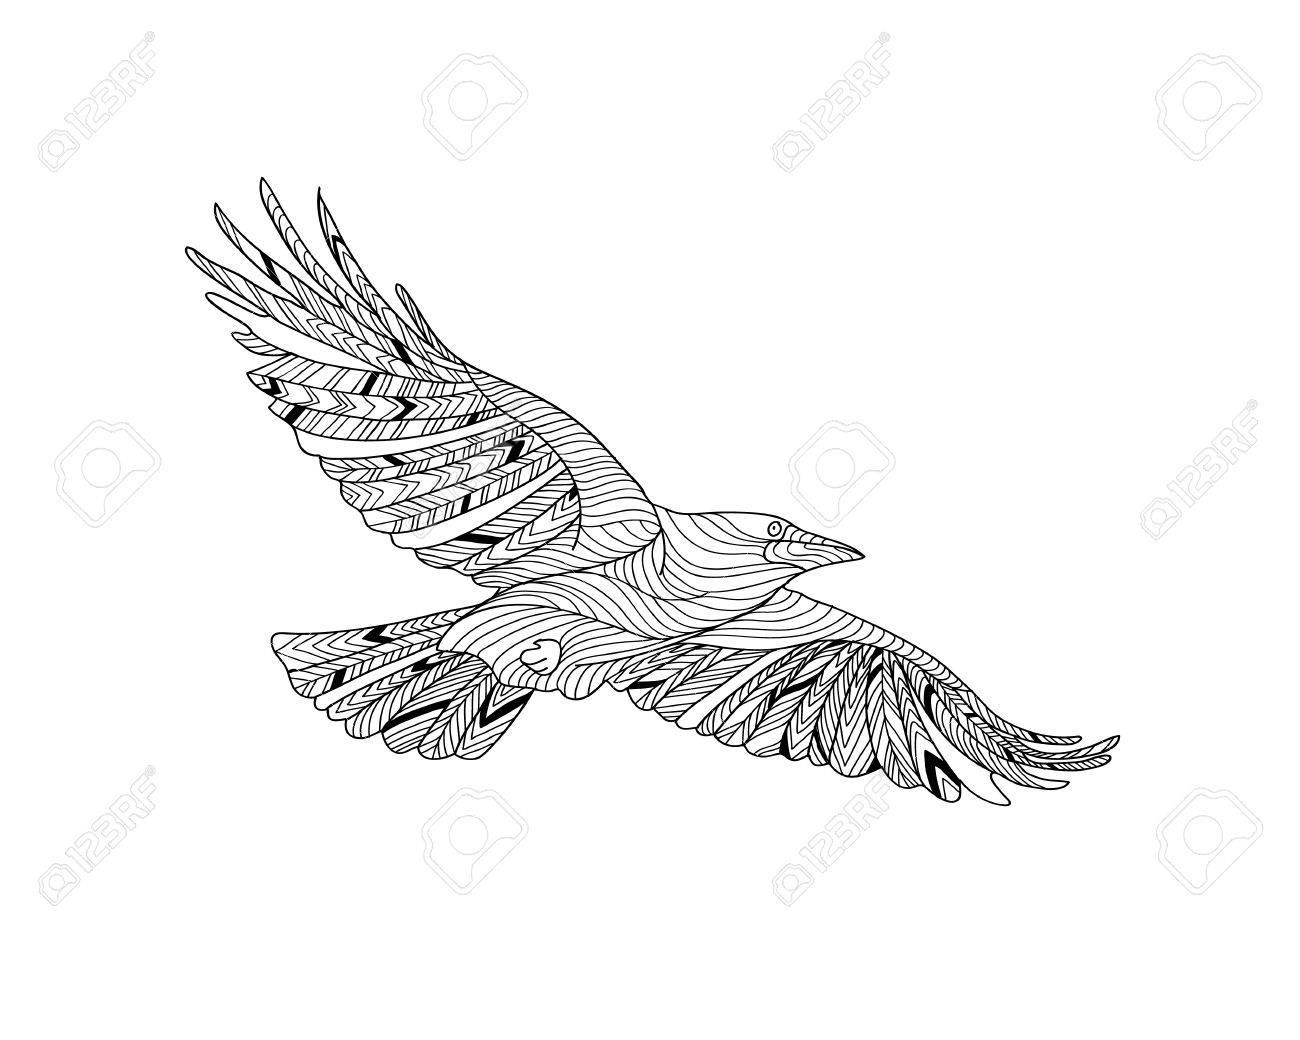 Cuervo Con El Modelo étnico Hecho A Mano Dibujo Para Colorear Zendala Diseño Para La Relajación Espiritual Para Los Adultos Ilustración